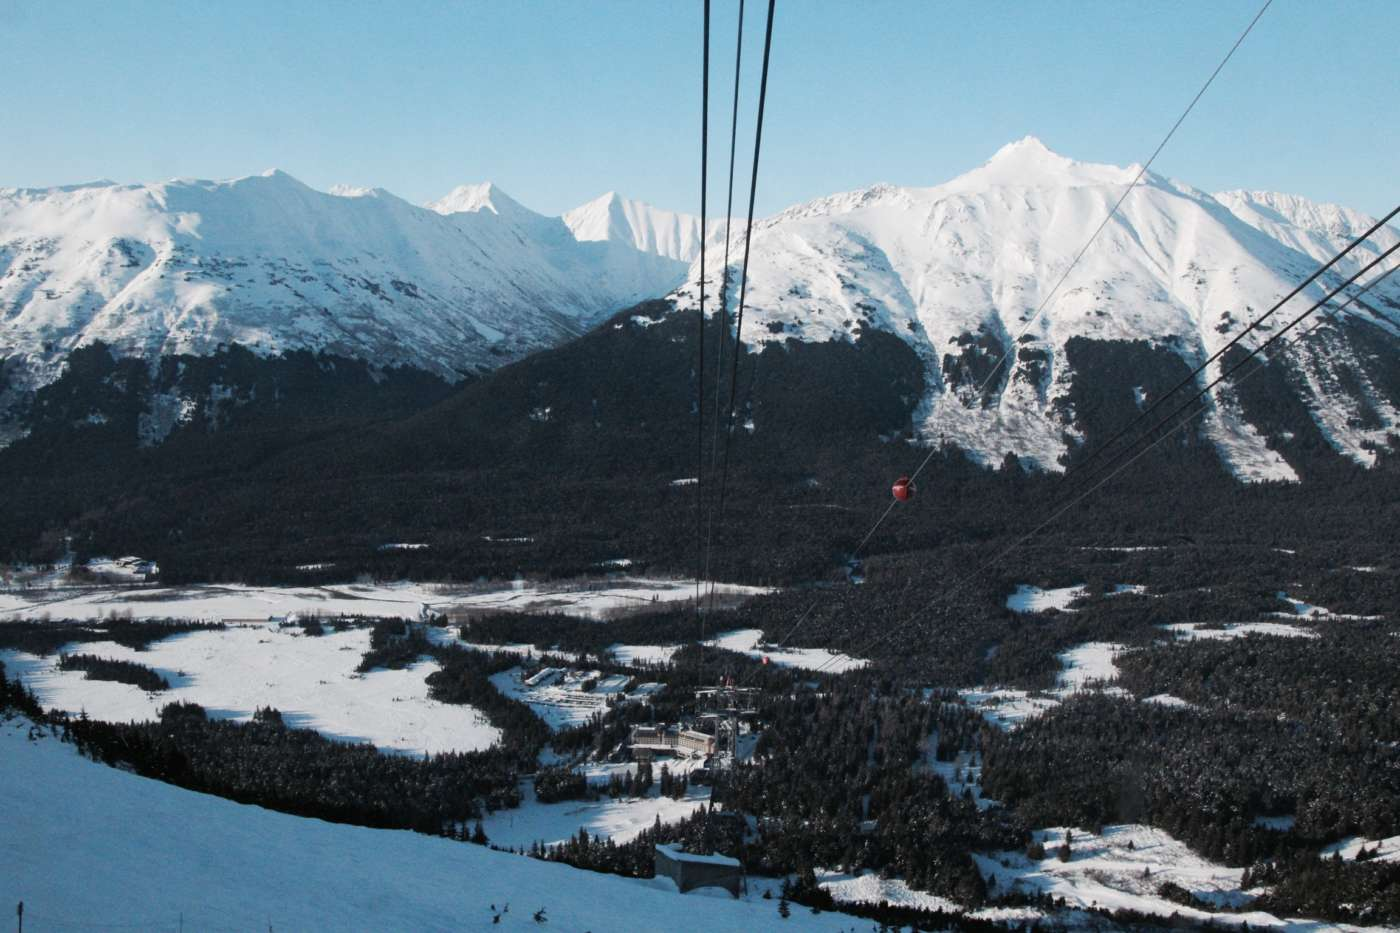 alyeska ski resort